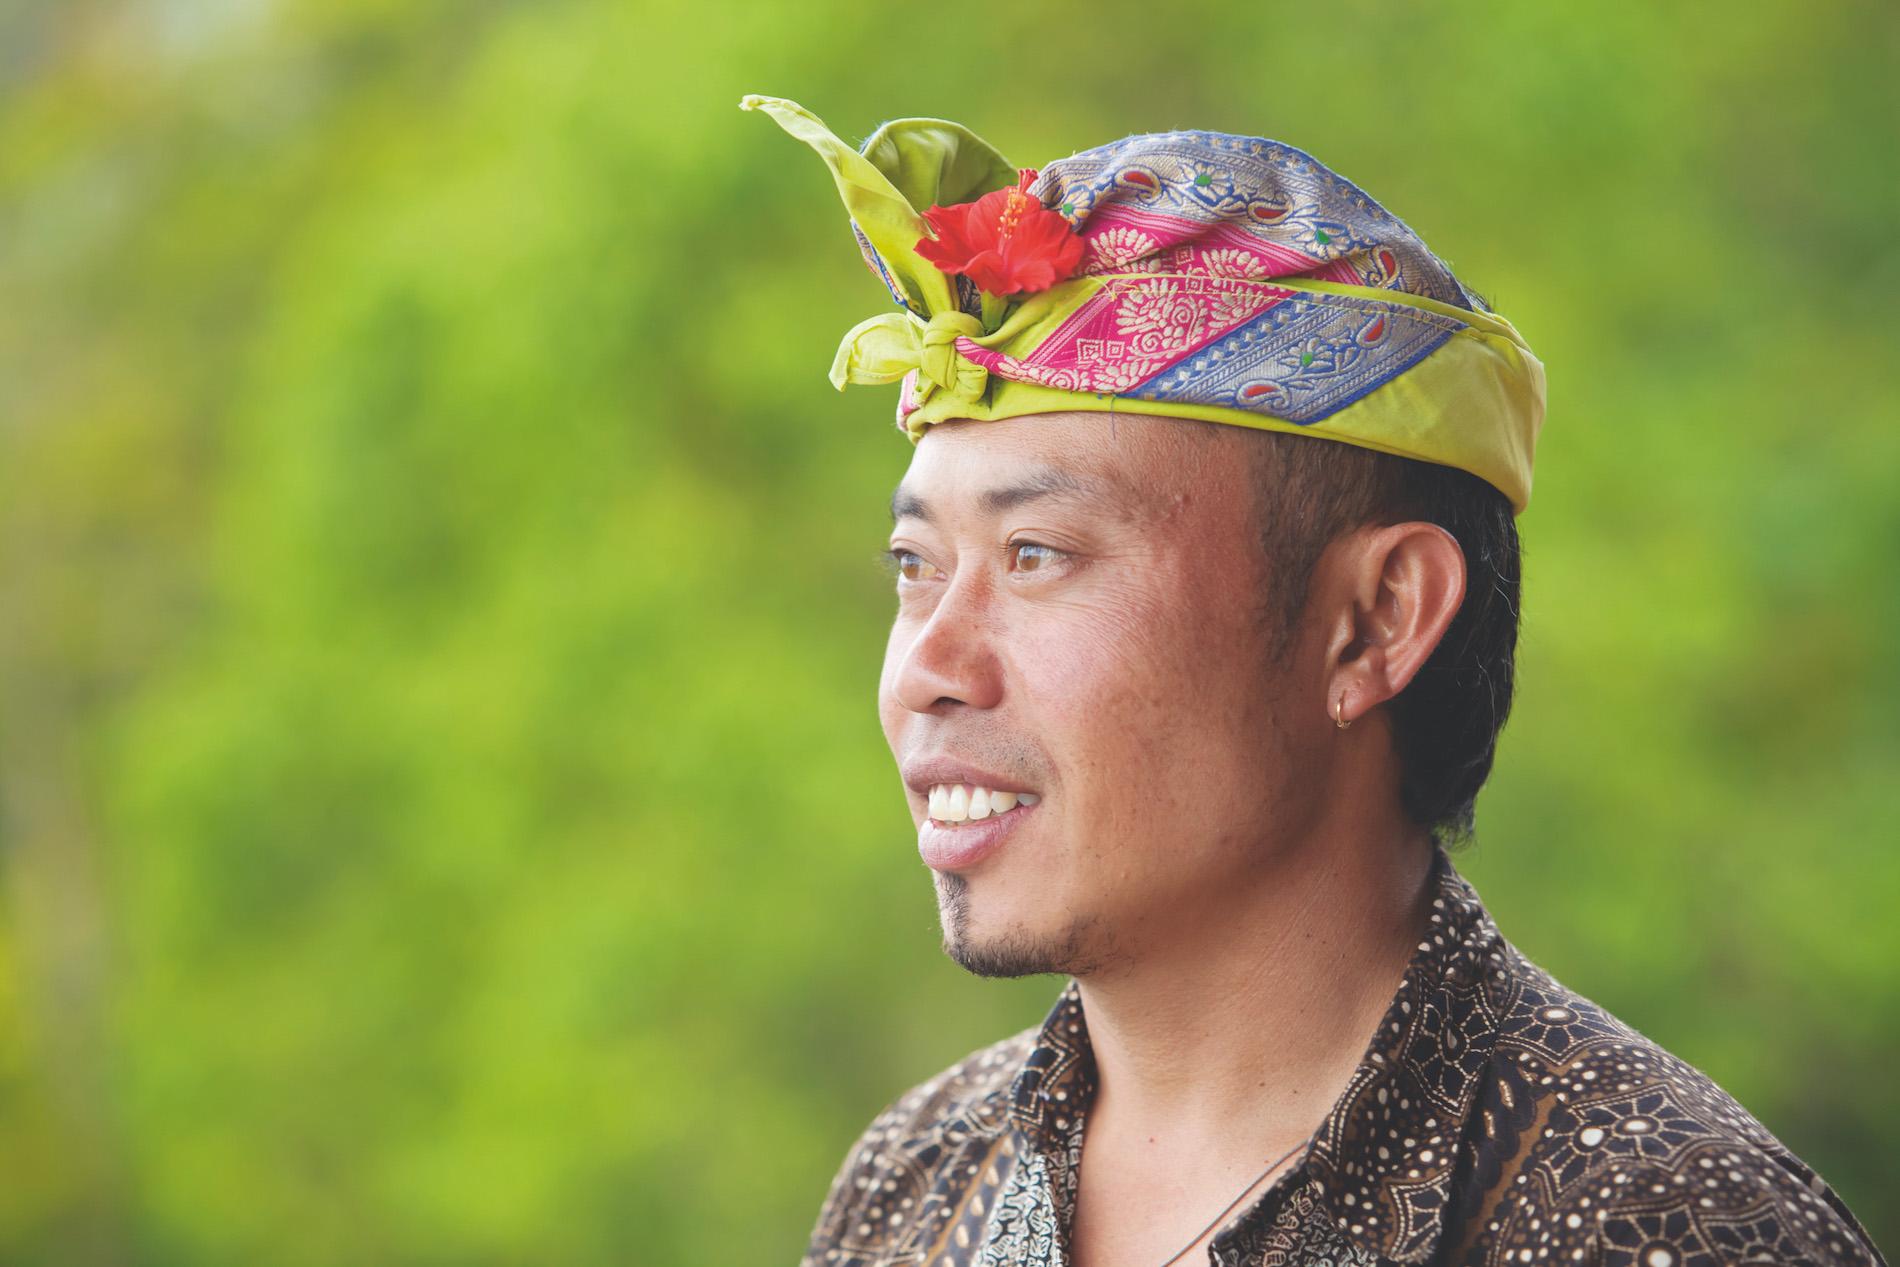 Iket kepala pria seperti sudah menjadi tradisi bagi laki-laki di Indonesia.